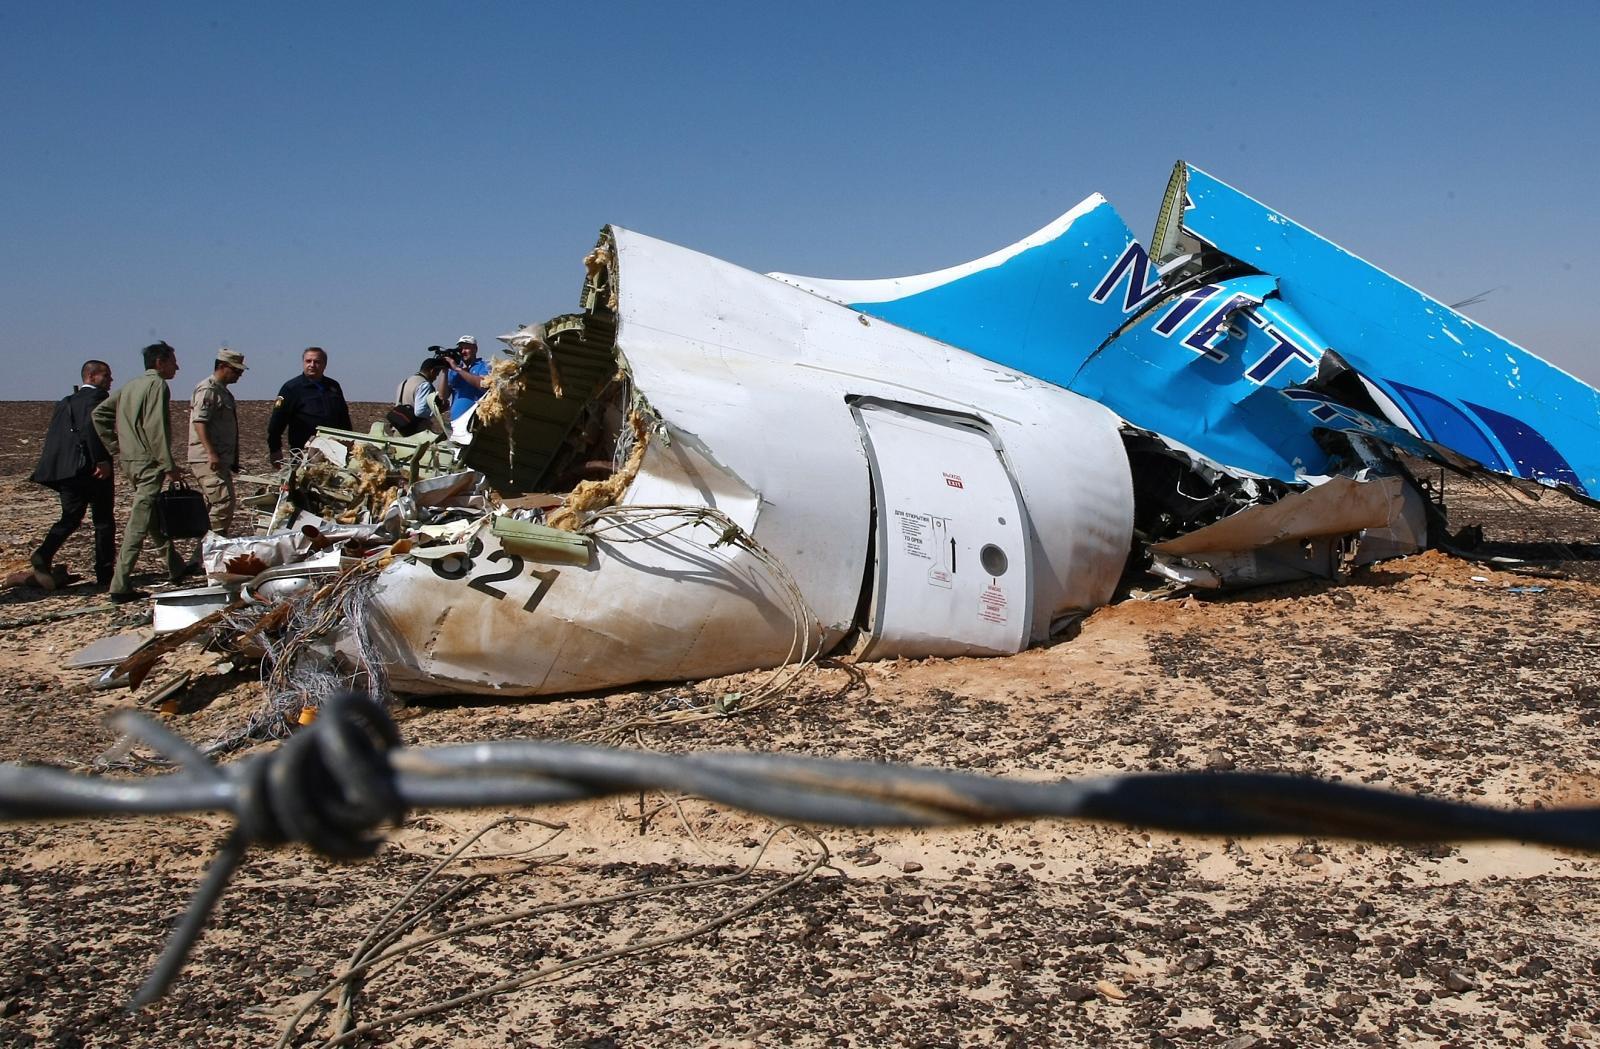 2017 เป็นปีที่การบินพาณิชย์ปลอดภัยที่สุด